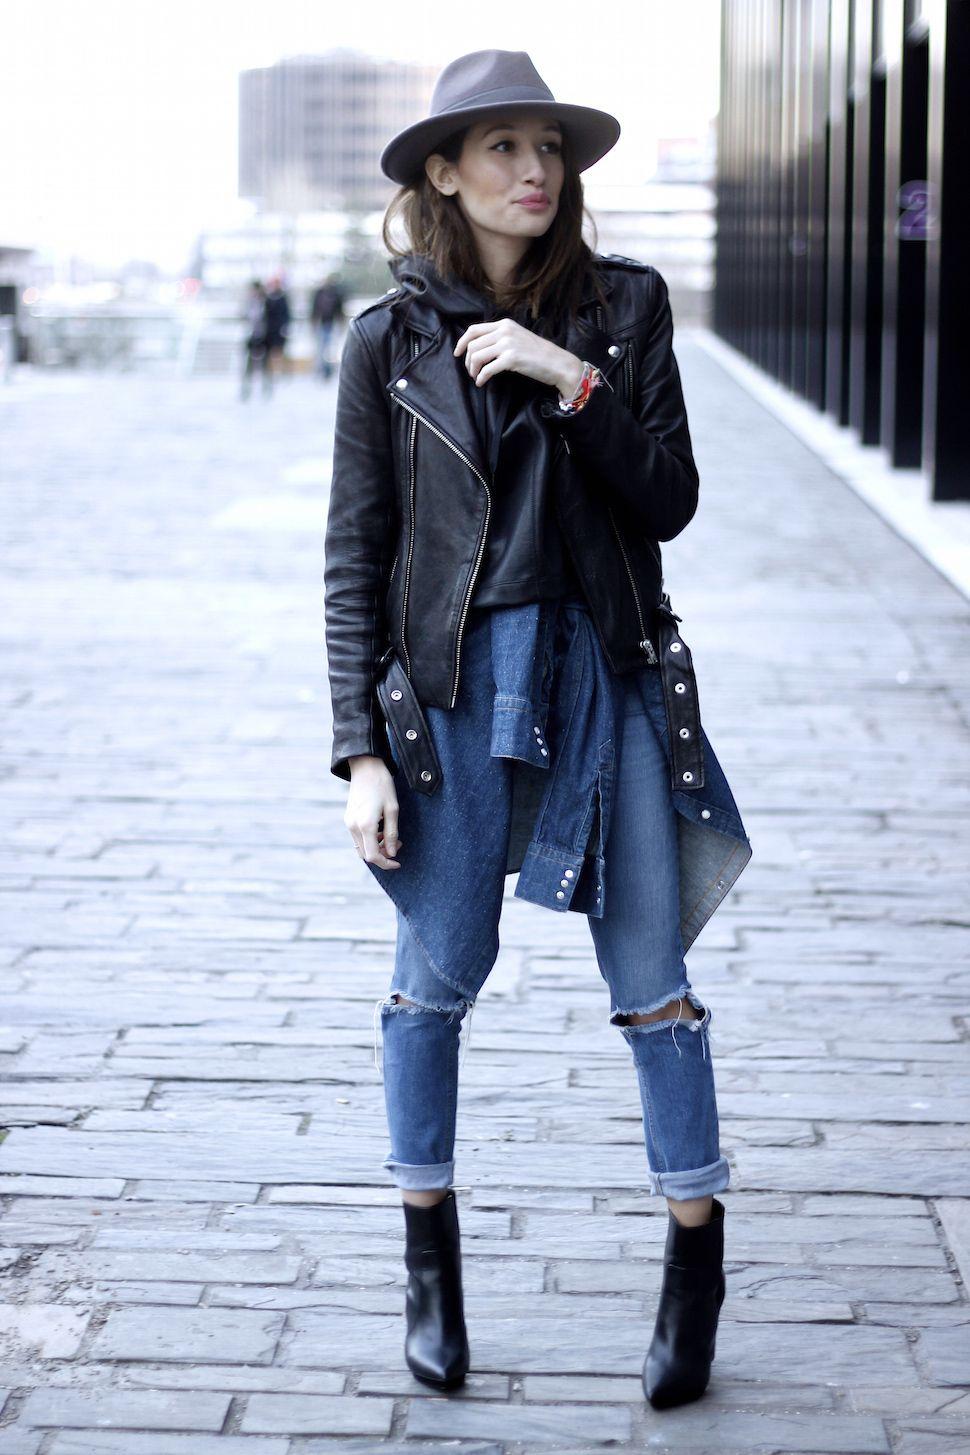 Jeans and Leather: Alex's Closet : Blog mode, beauté et voyage - Paris - Montréal